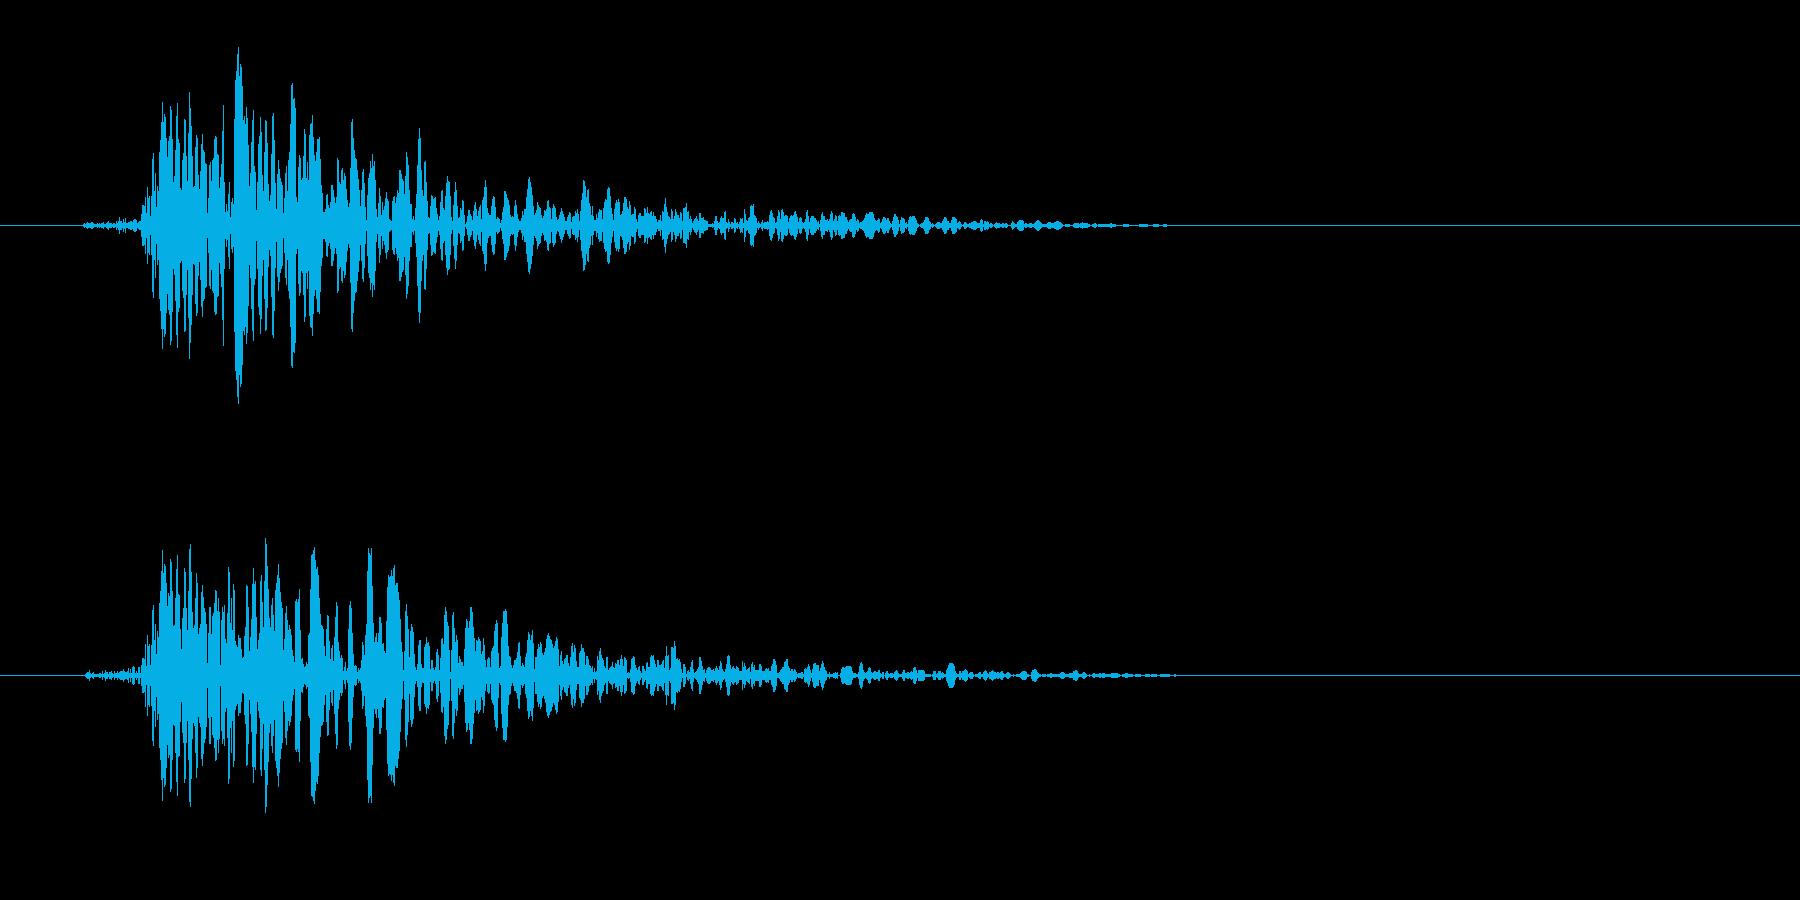 ドンッ!(ドアを1回叩く音)の再生済みの波形